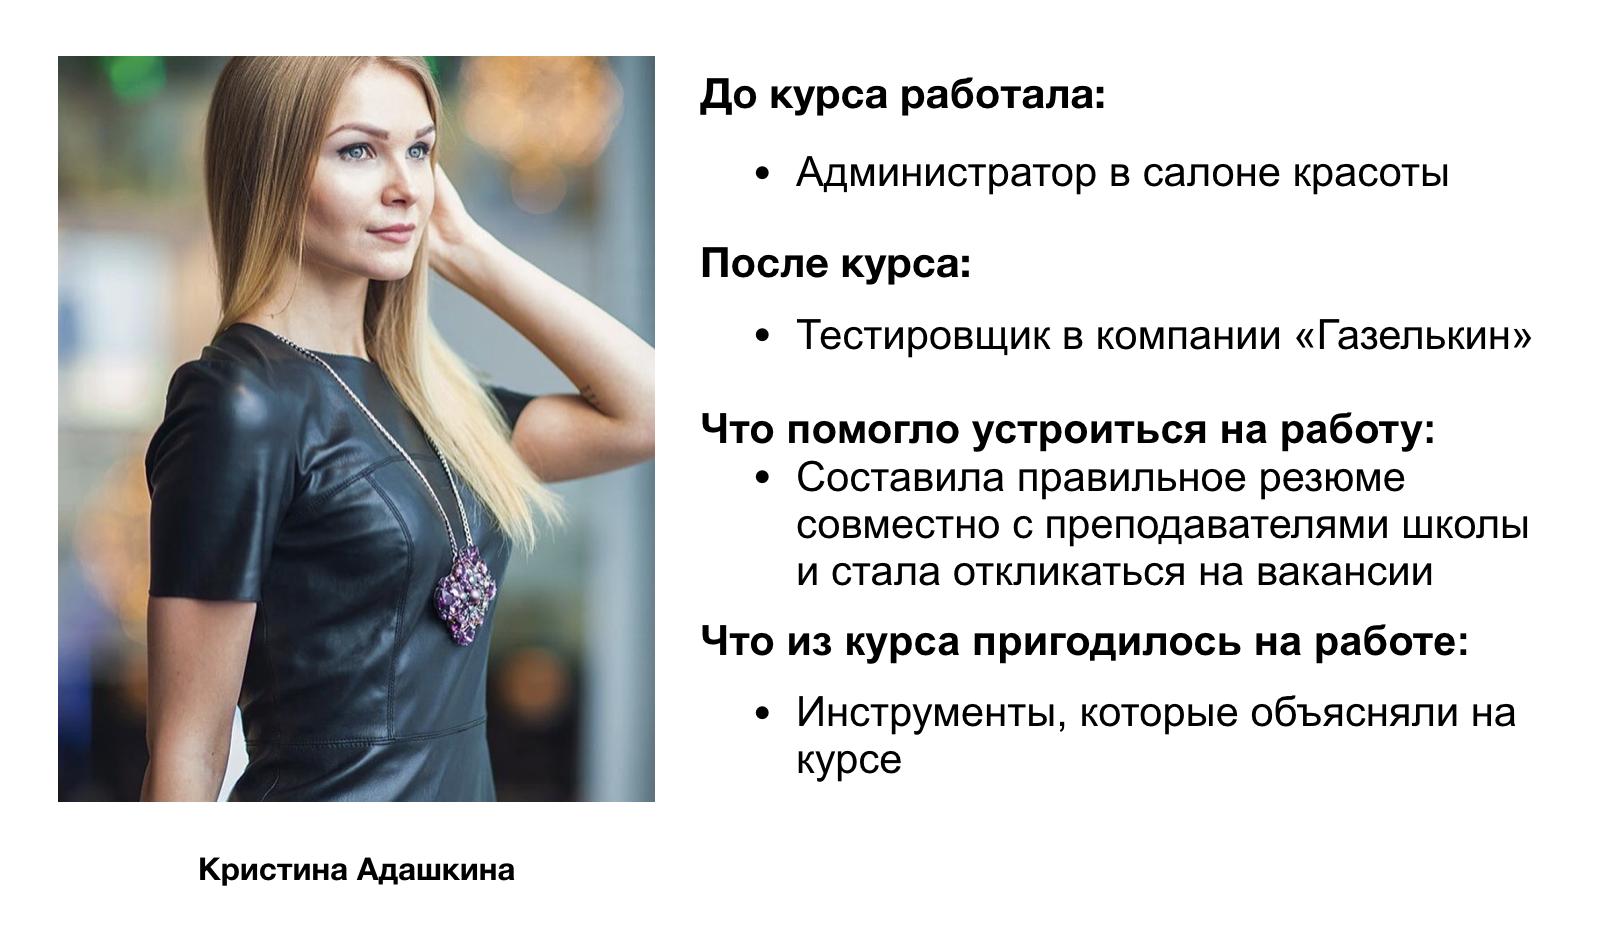 Работа тестировщиком удаленно отзывы freelancer crossfire mod 2.0 rus